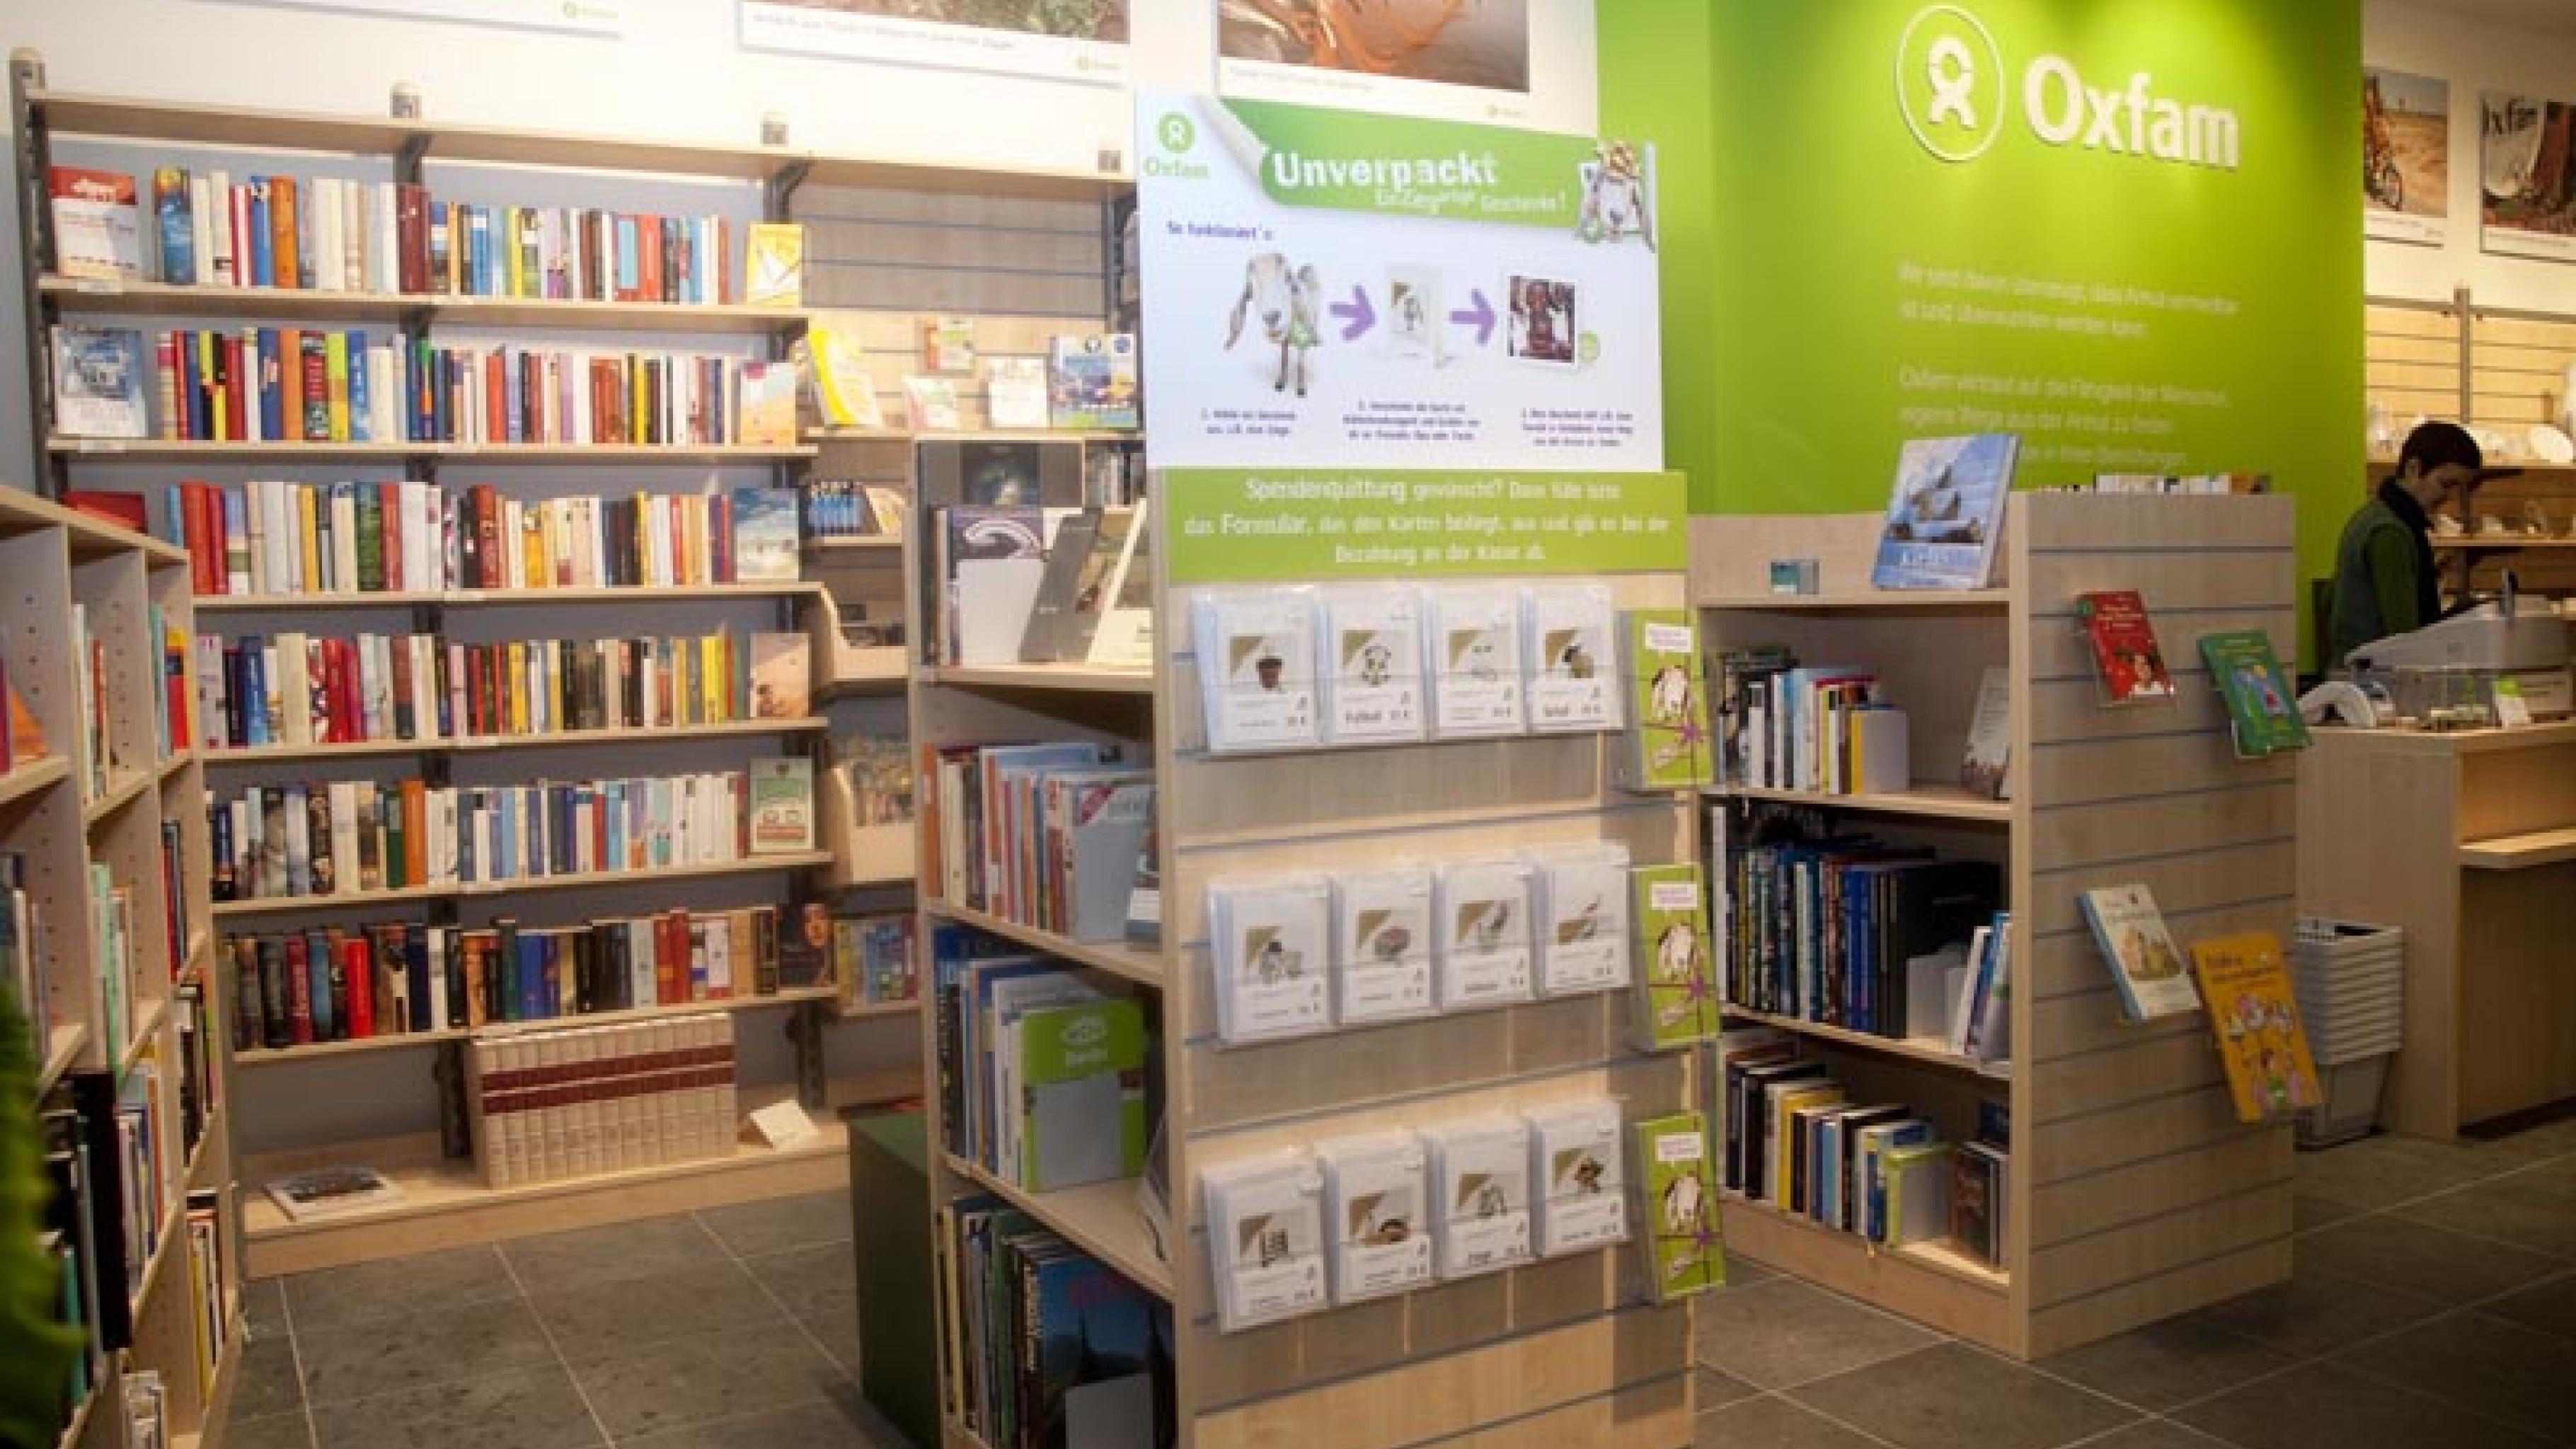 Oxfam Shop Dortmund - Innenansicht